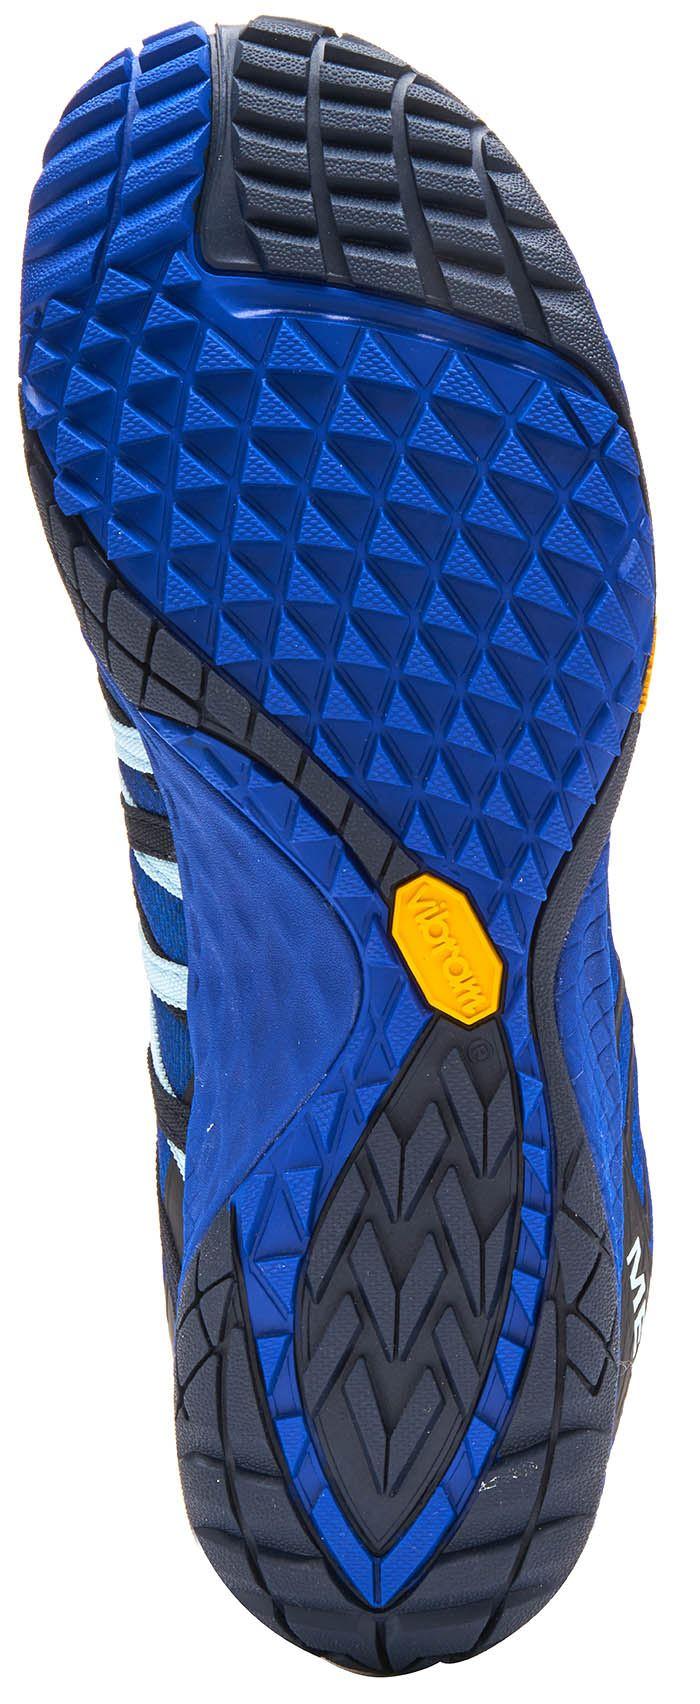 Merrell-Trail-Glove-4-entrenadores-en-Nautica-y-deporte-Azul-Molten-Lava-Rojo-Y-Naranja miniatura 5